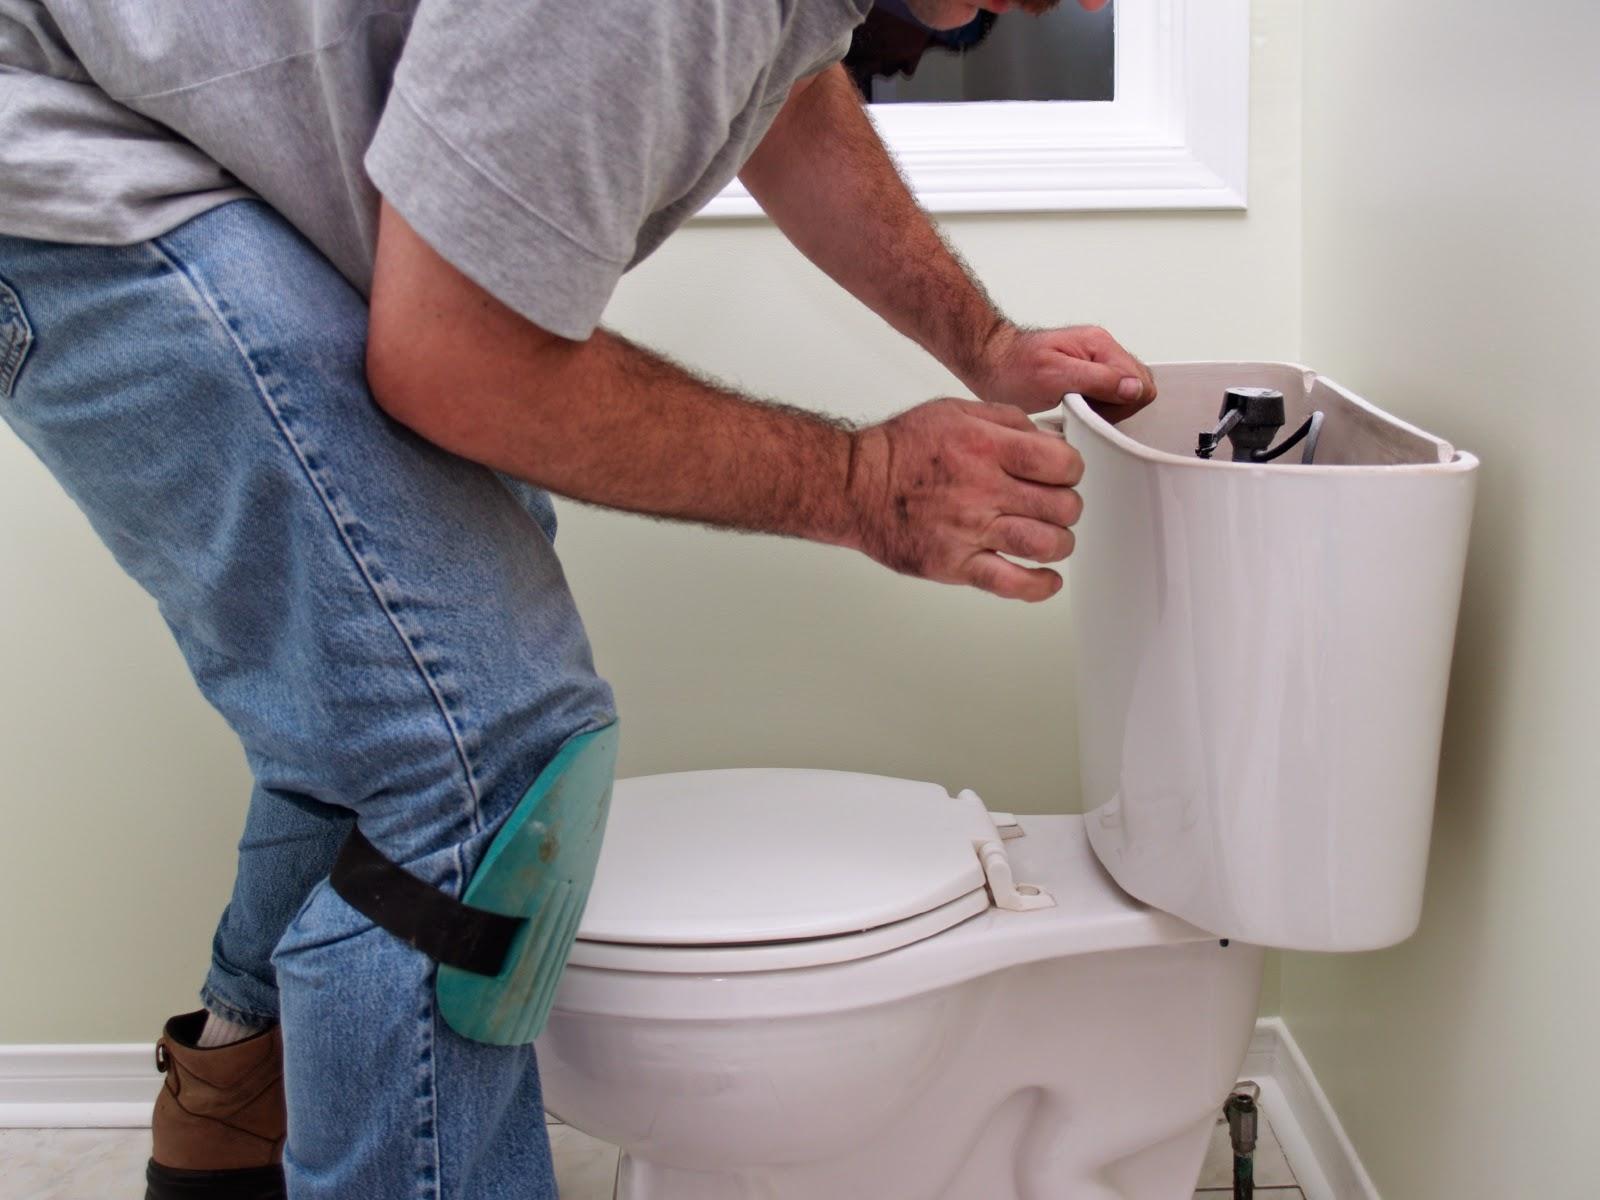 Прокладки в туалете 10 фотография